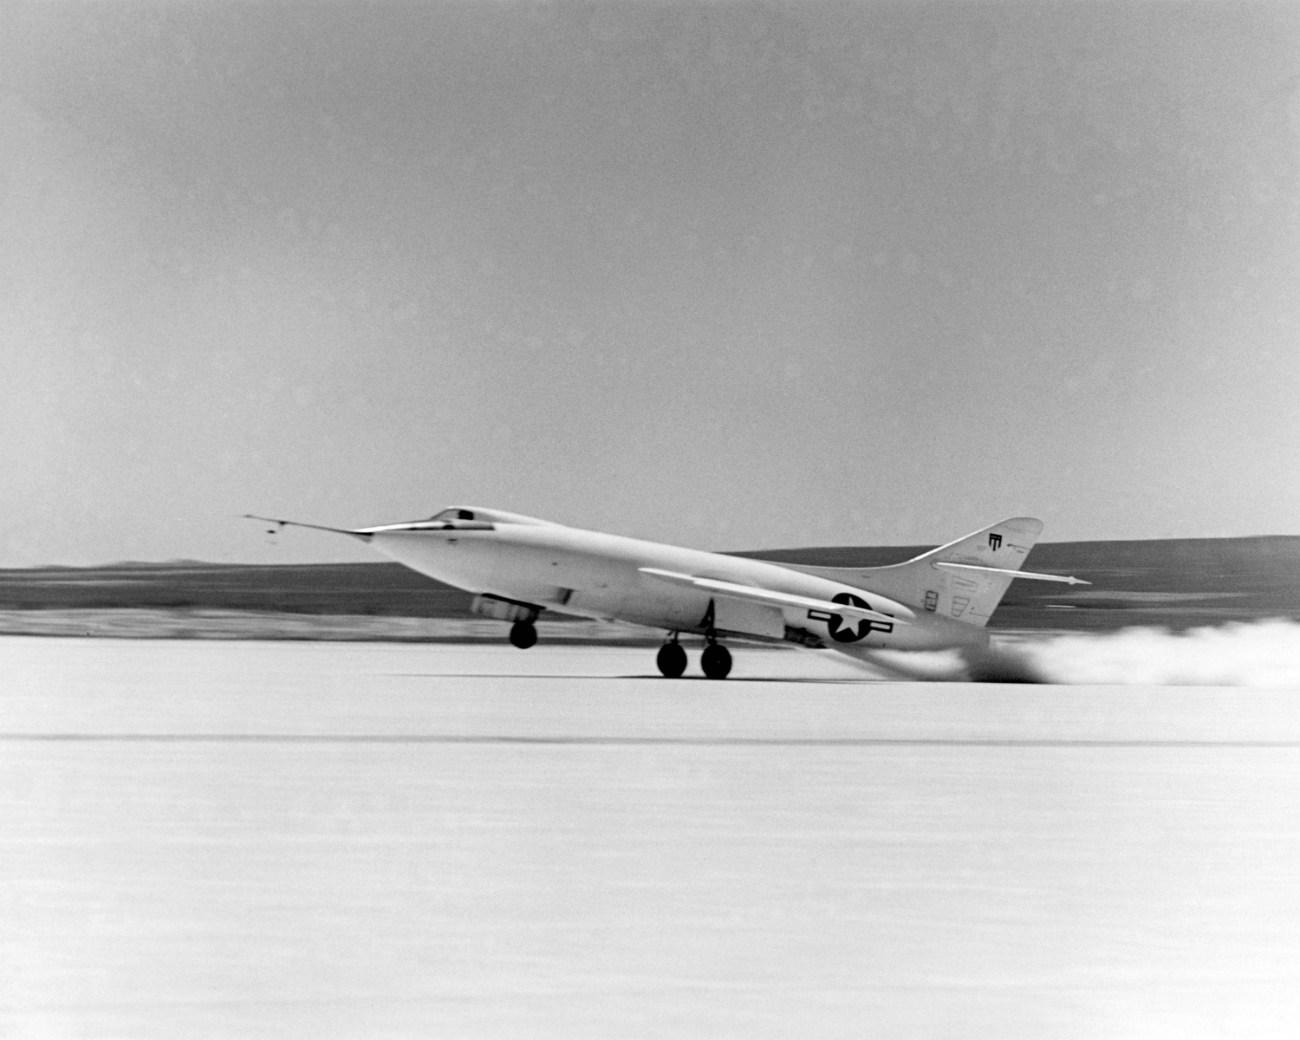 Douglas D-558-II Skyrocket taking off